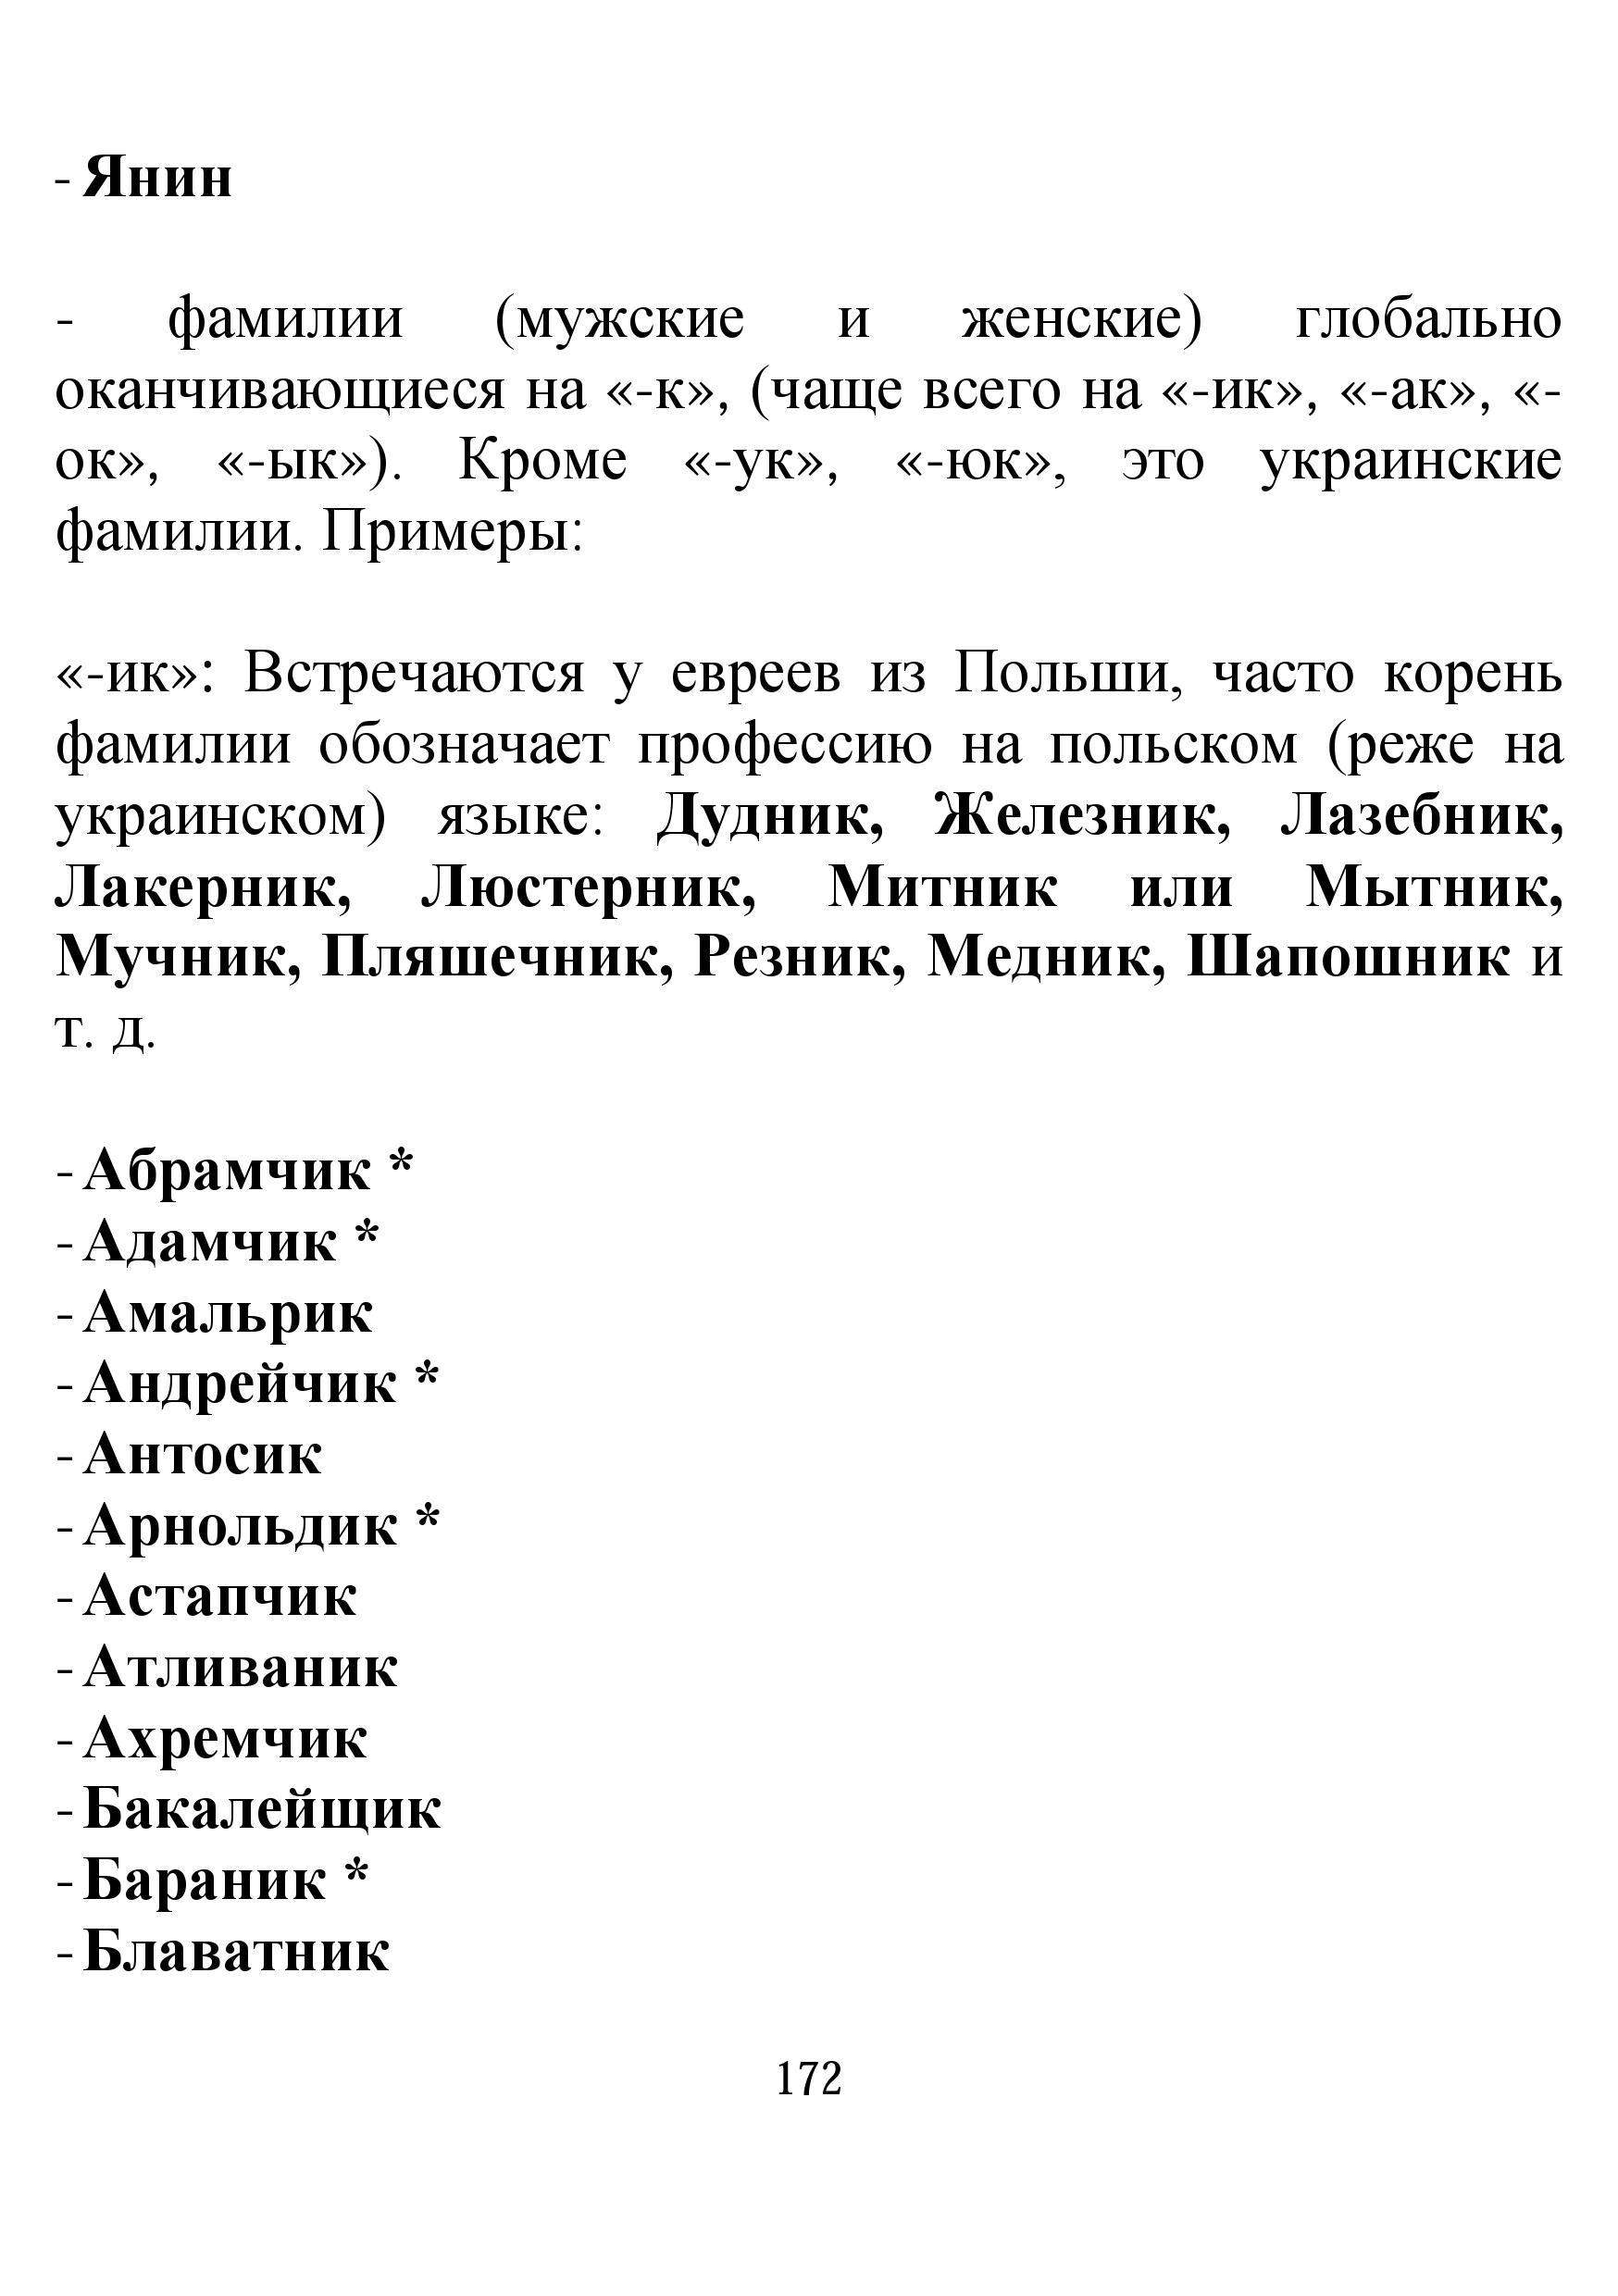 http://s0.uploads.ru/ob8jn.jpg